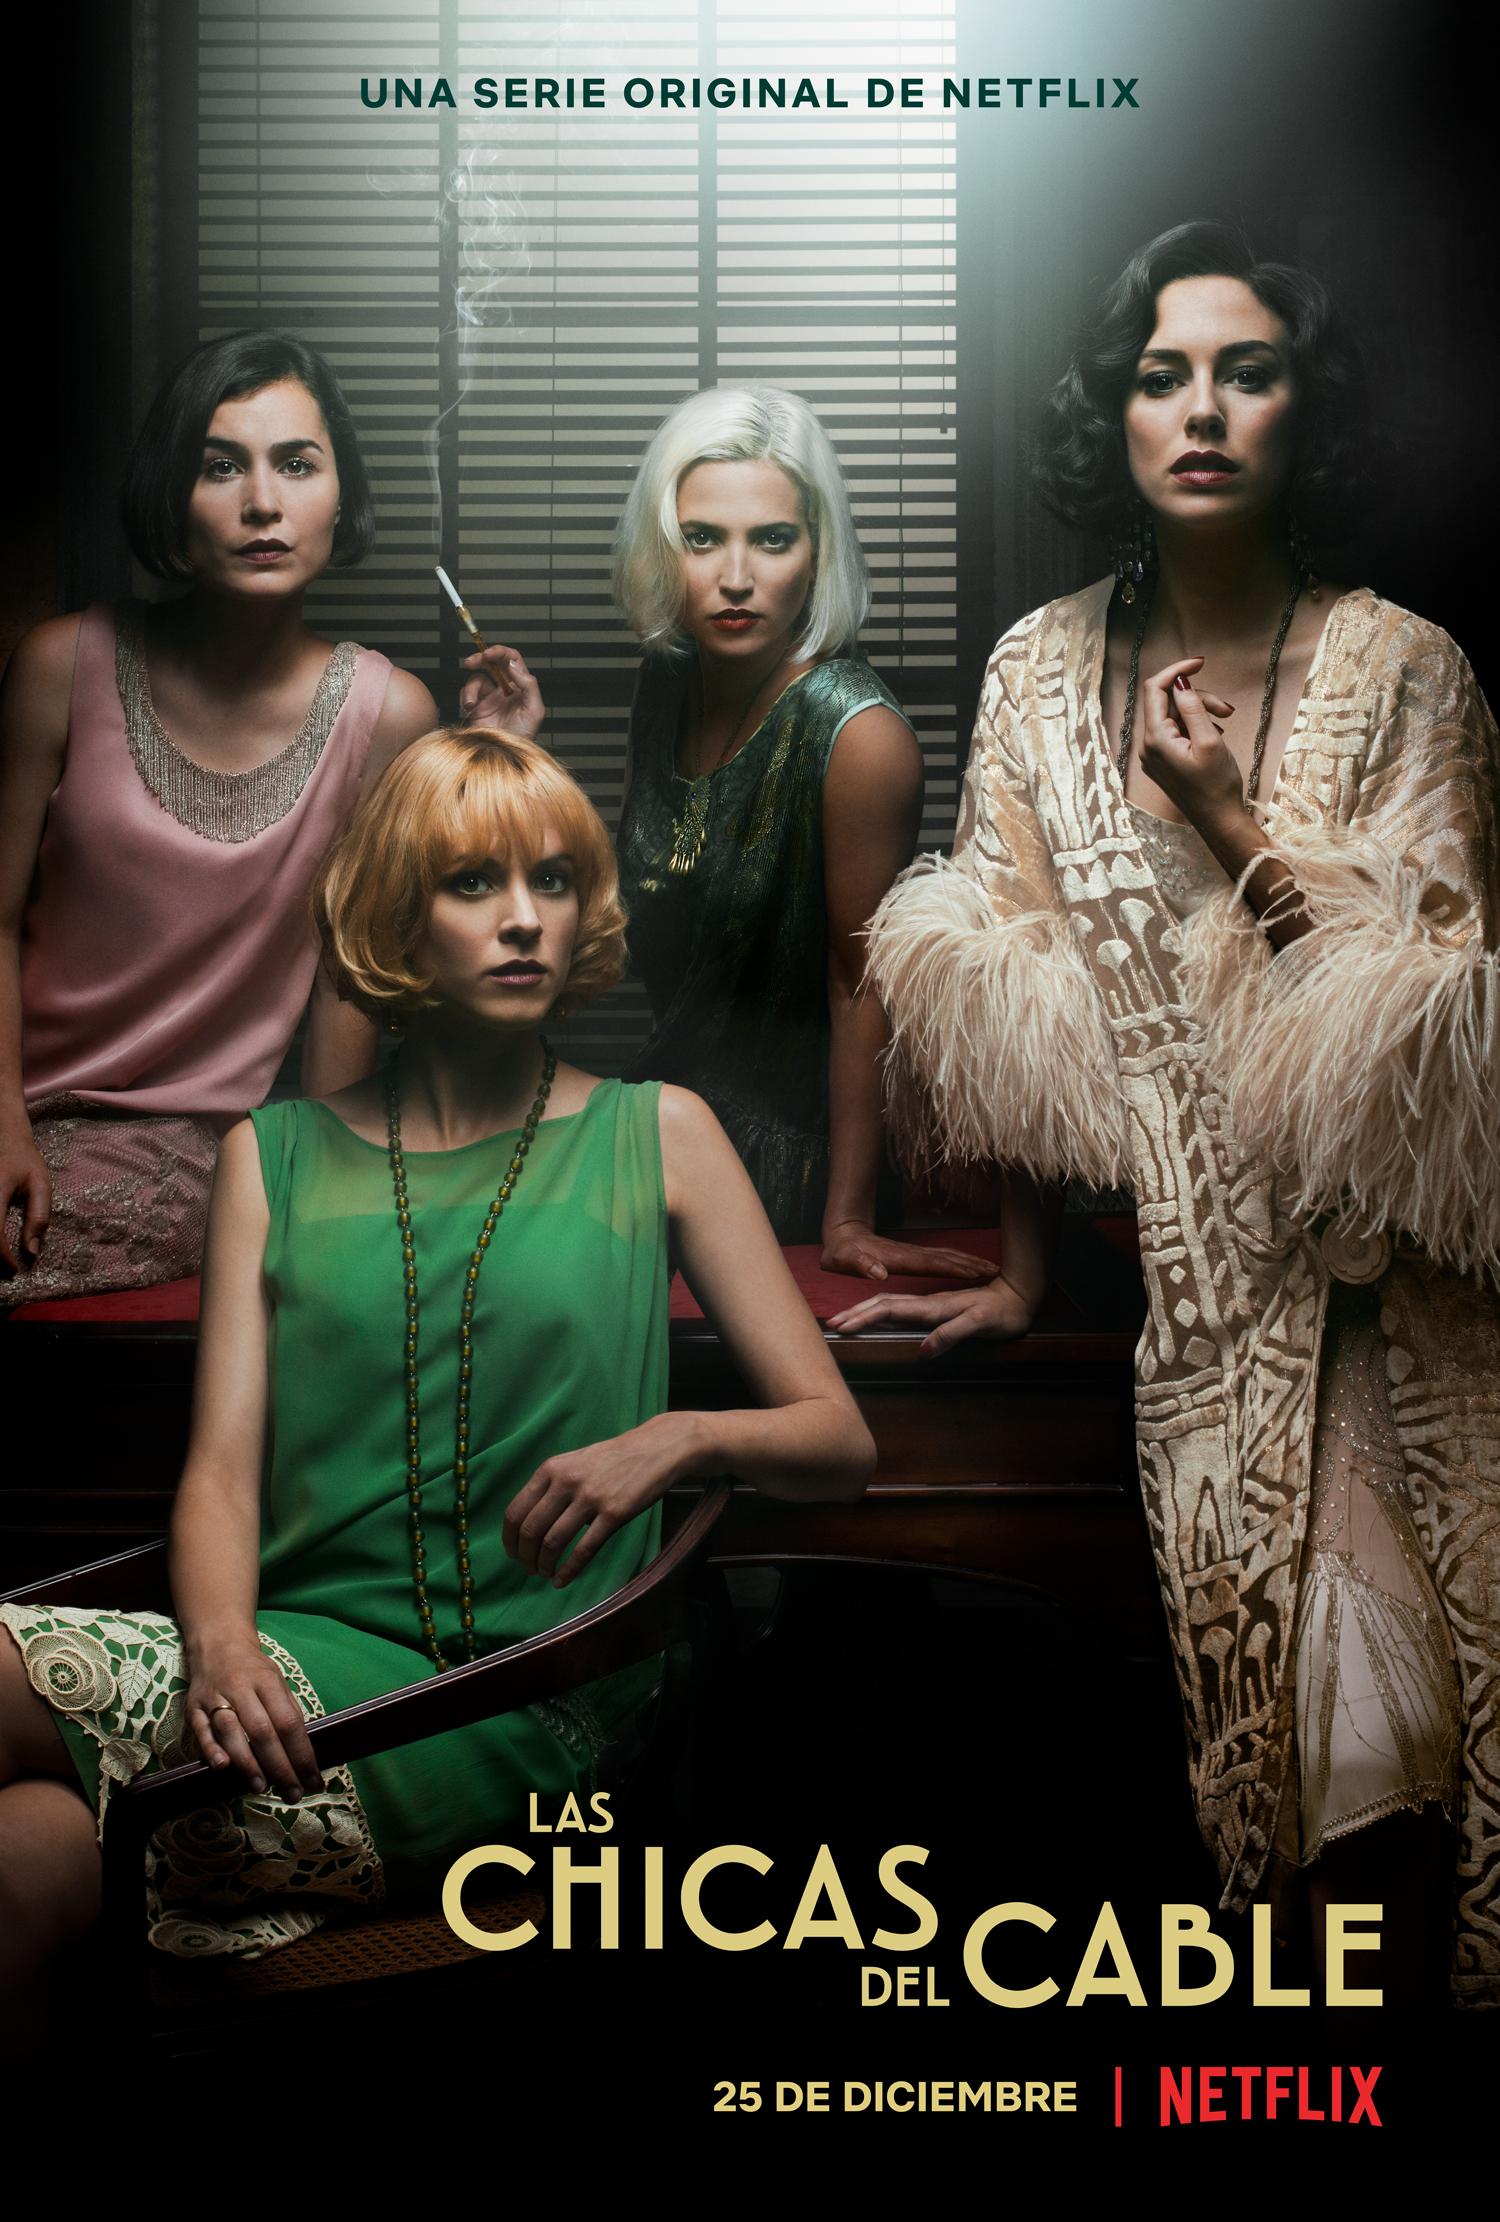 'Las chicas del cable': Tráiler y póster oficial del regreso de las chicas de Netflix